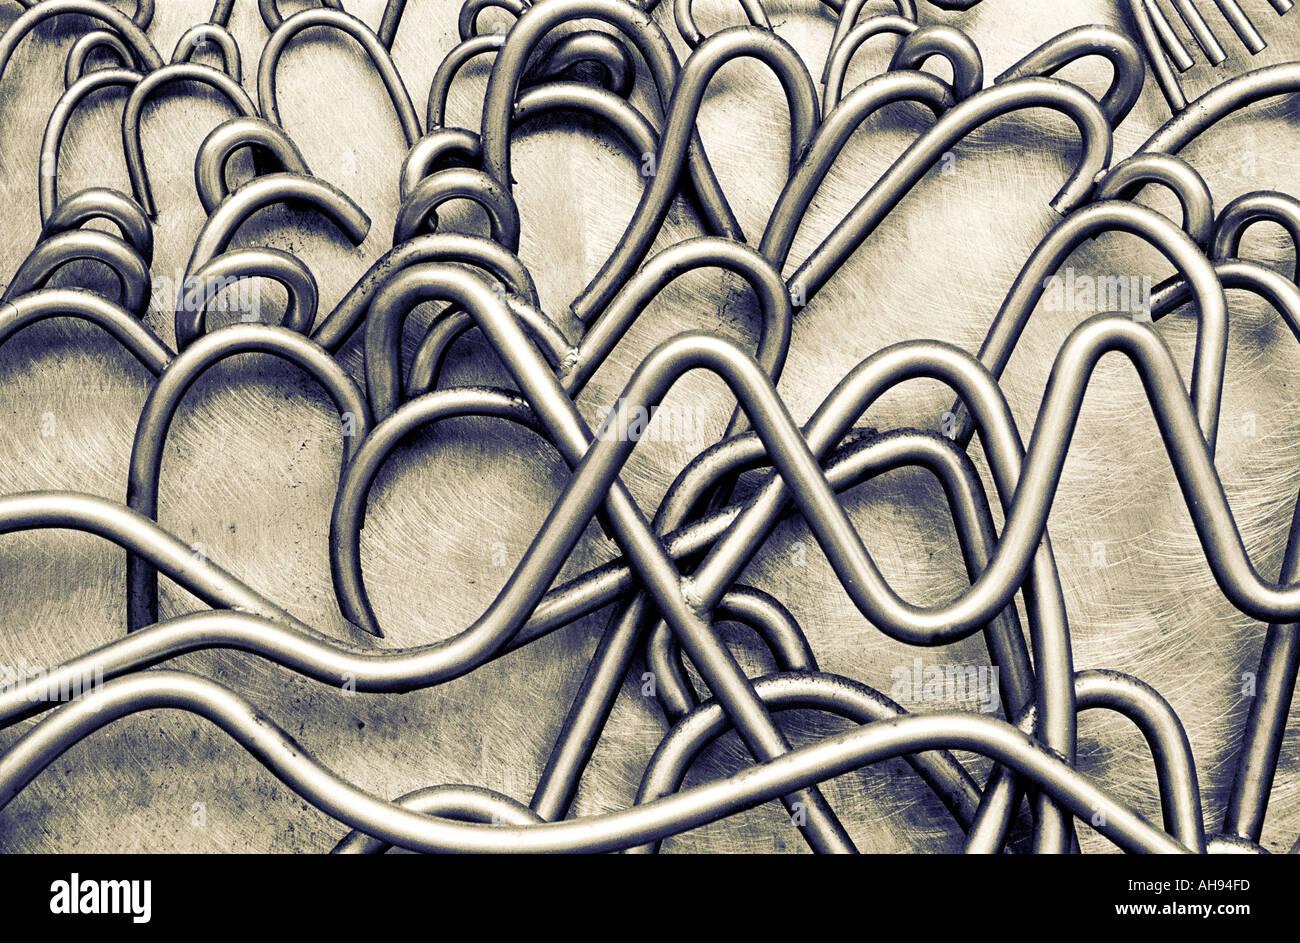 Ritorto e scolpito curva tubi di metallo come ad esempio cavi riflettente sulla superficie metallica Immagini Stock